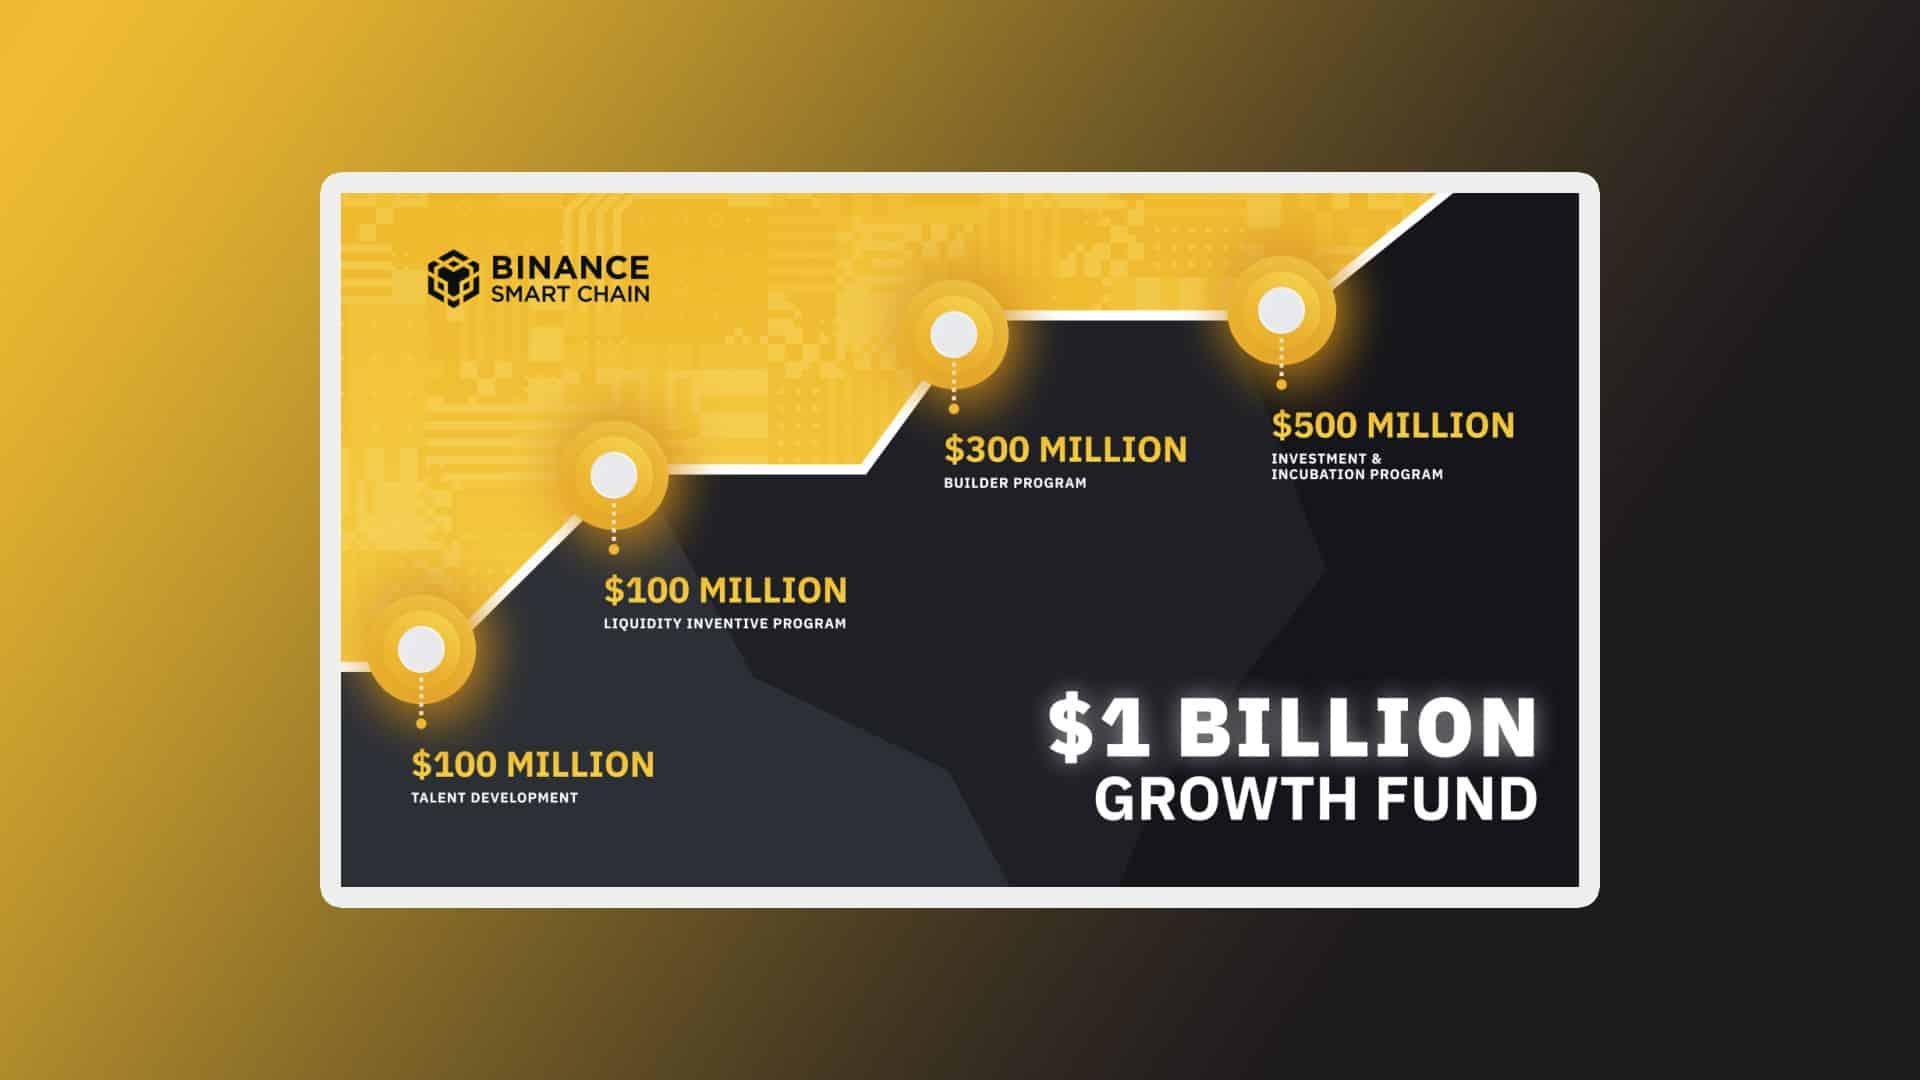 Binance Smart Chain $1 Billion Fund